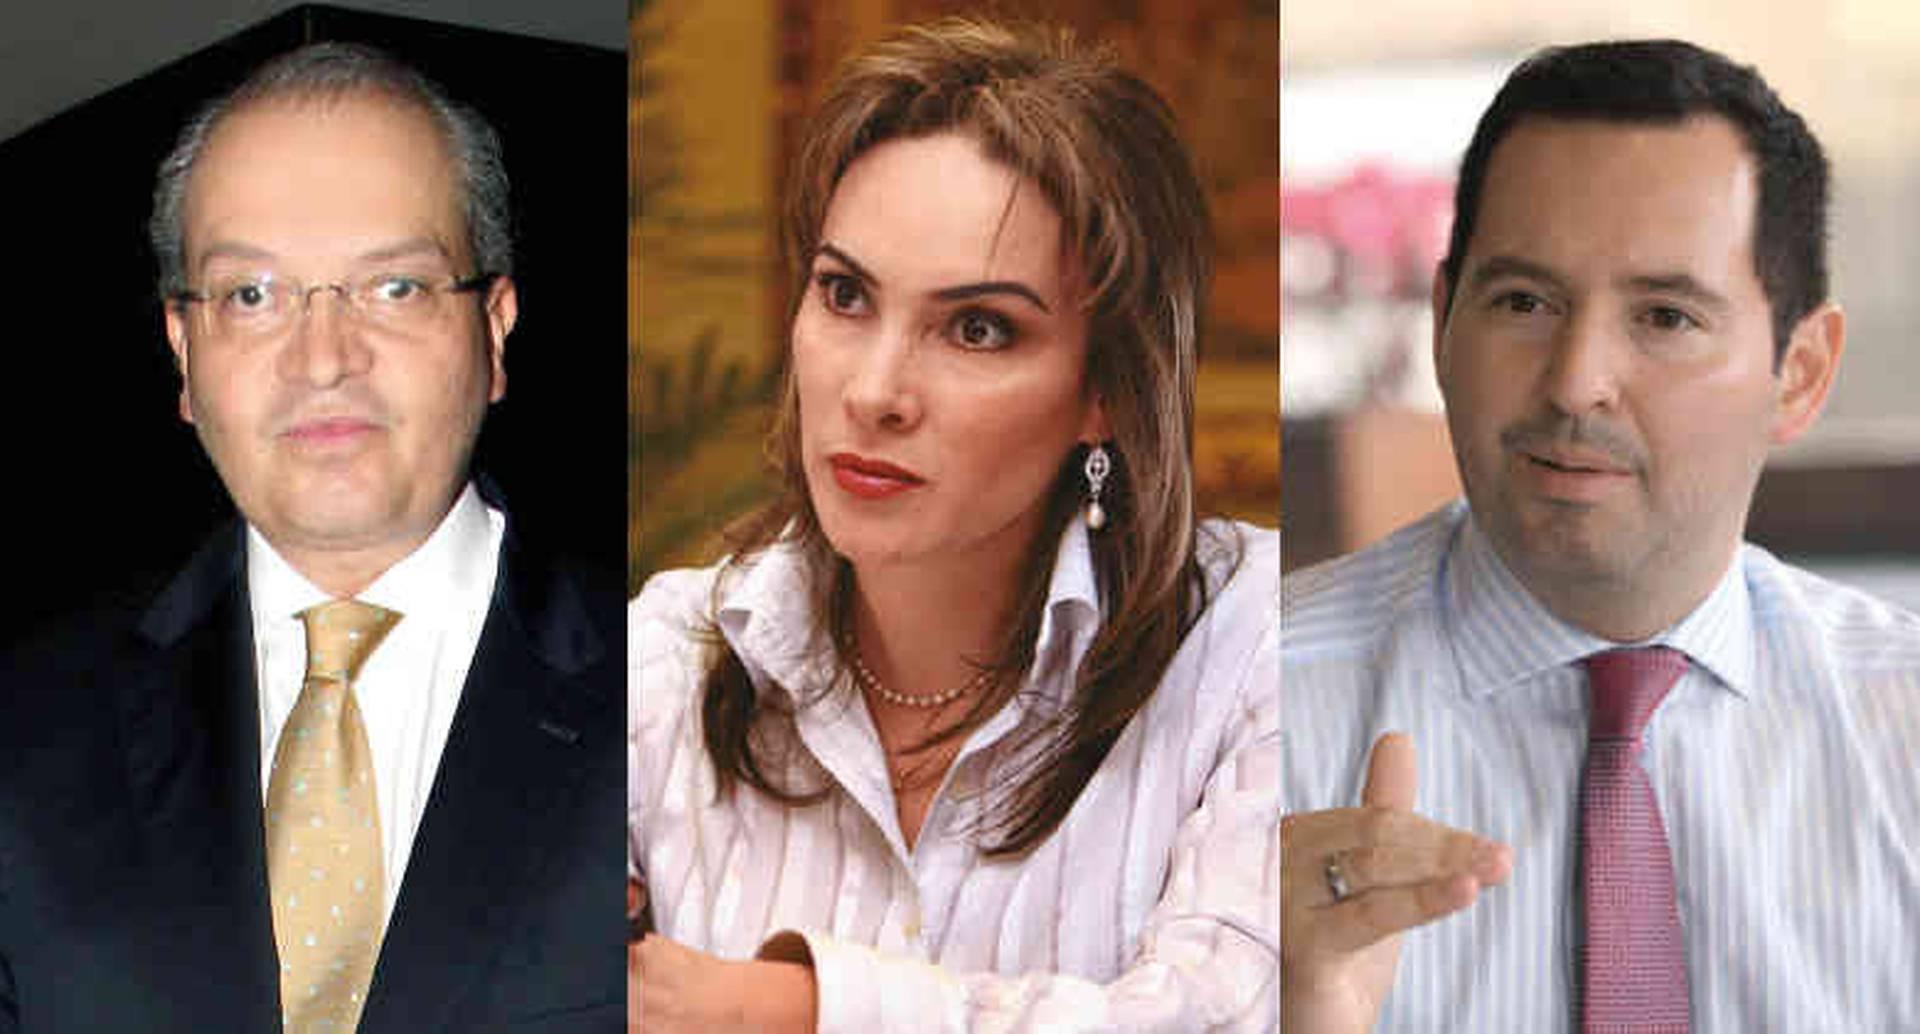 Fernando Carrillo, María Mercedes López y Jorge Fernando Perdomo, candidatos a la Procuraduría.